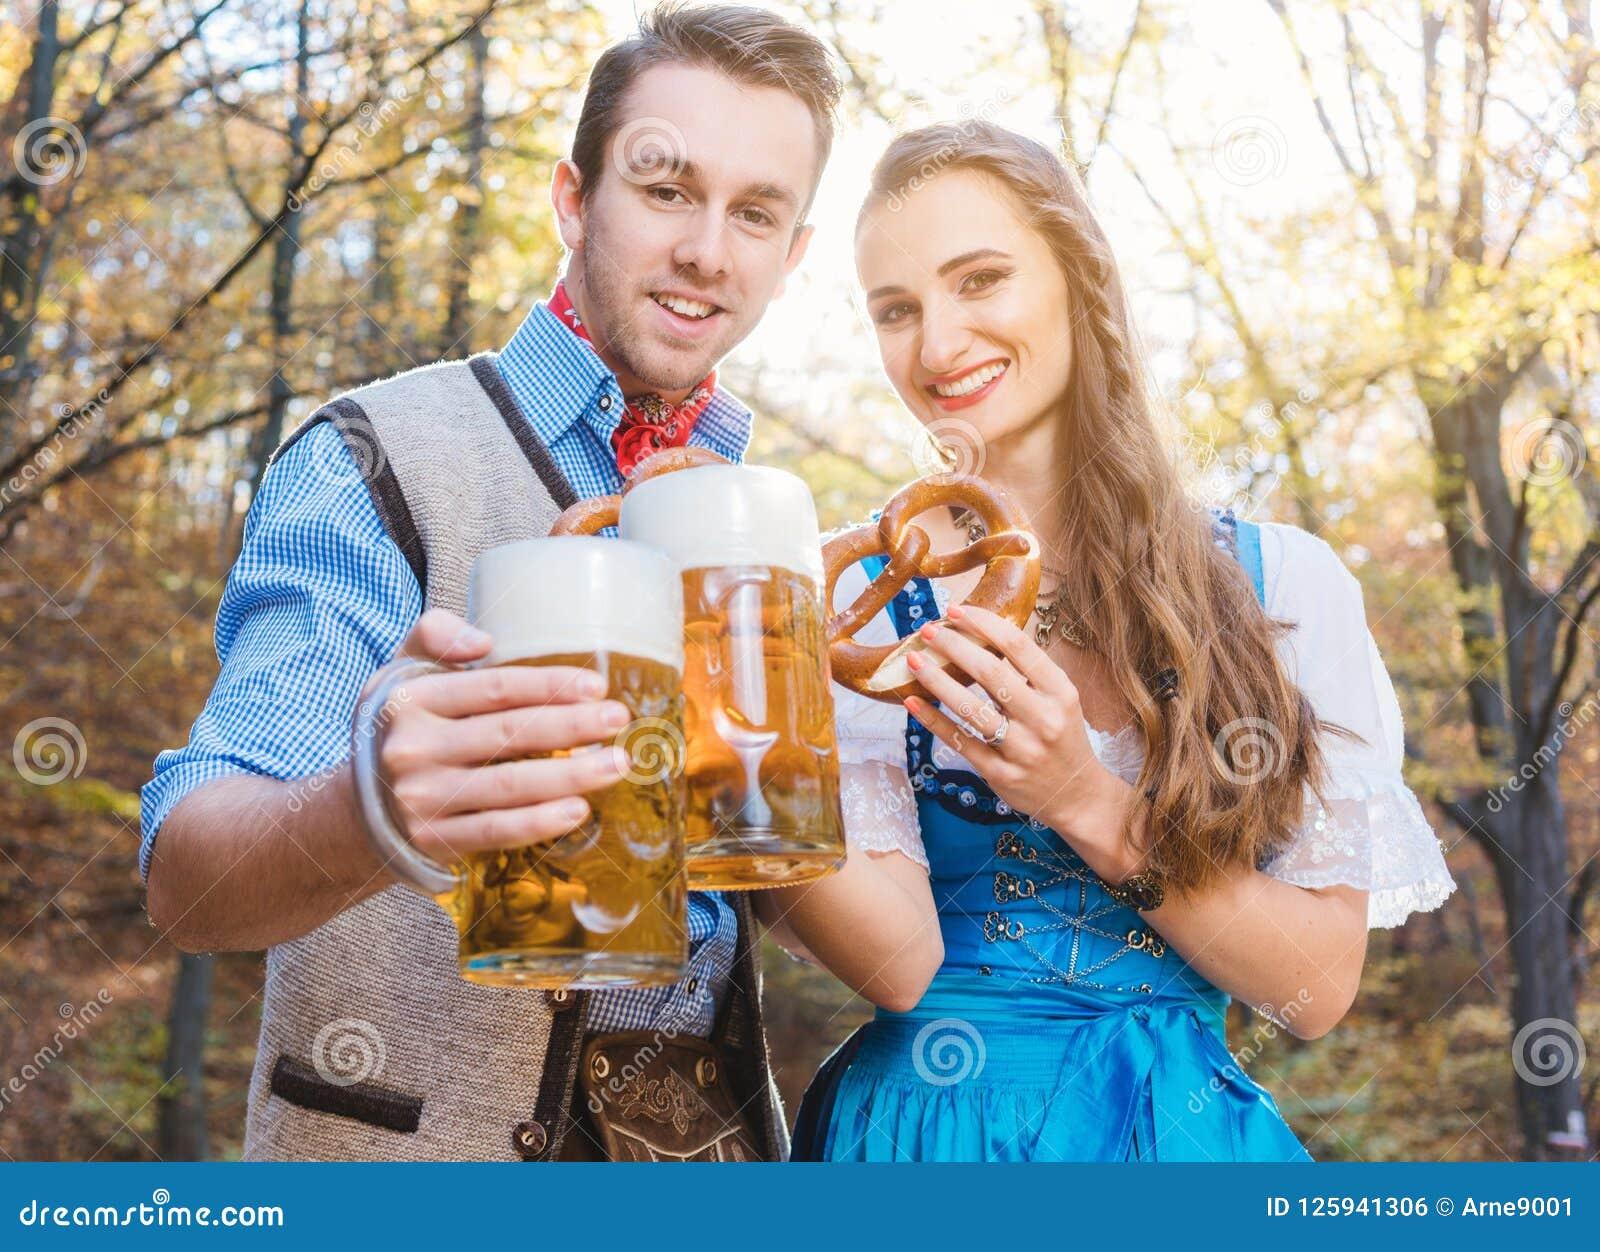 Mulher e homem na cerveja bebendo bávara de Tracht